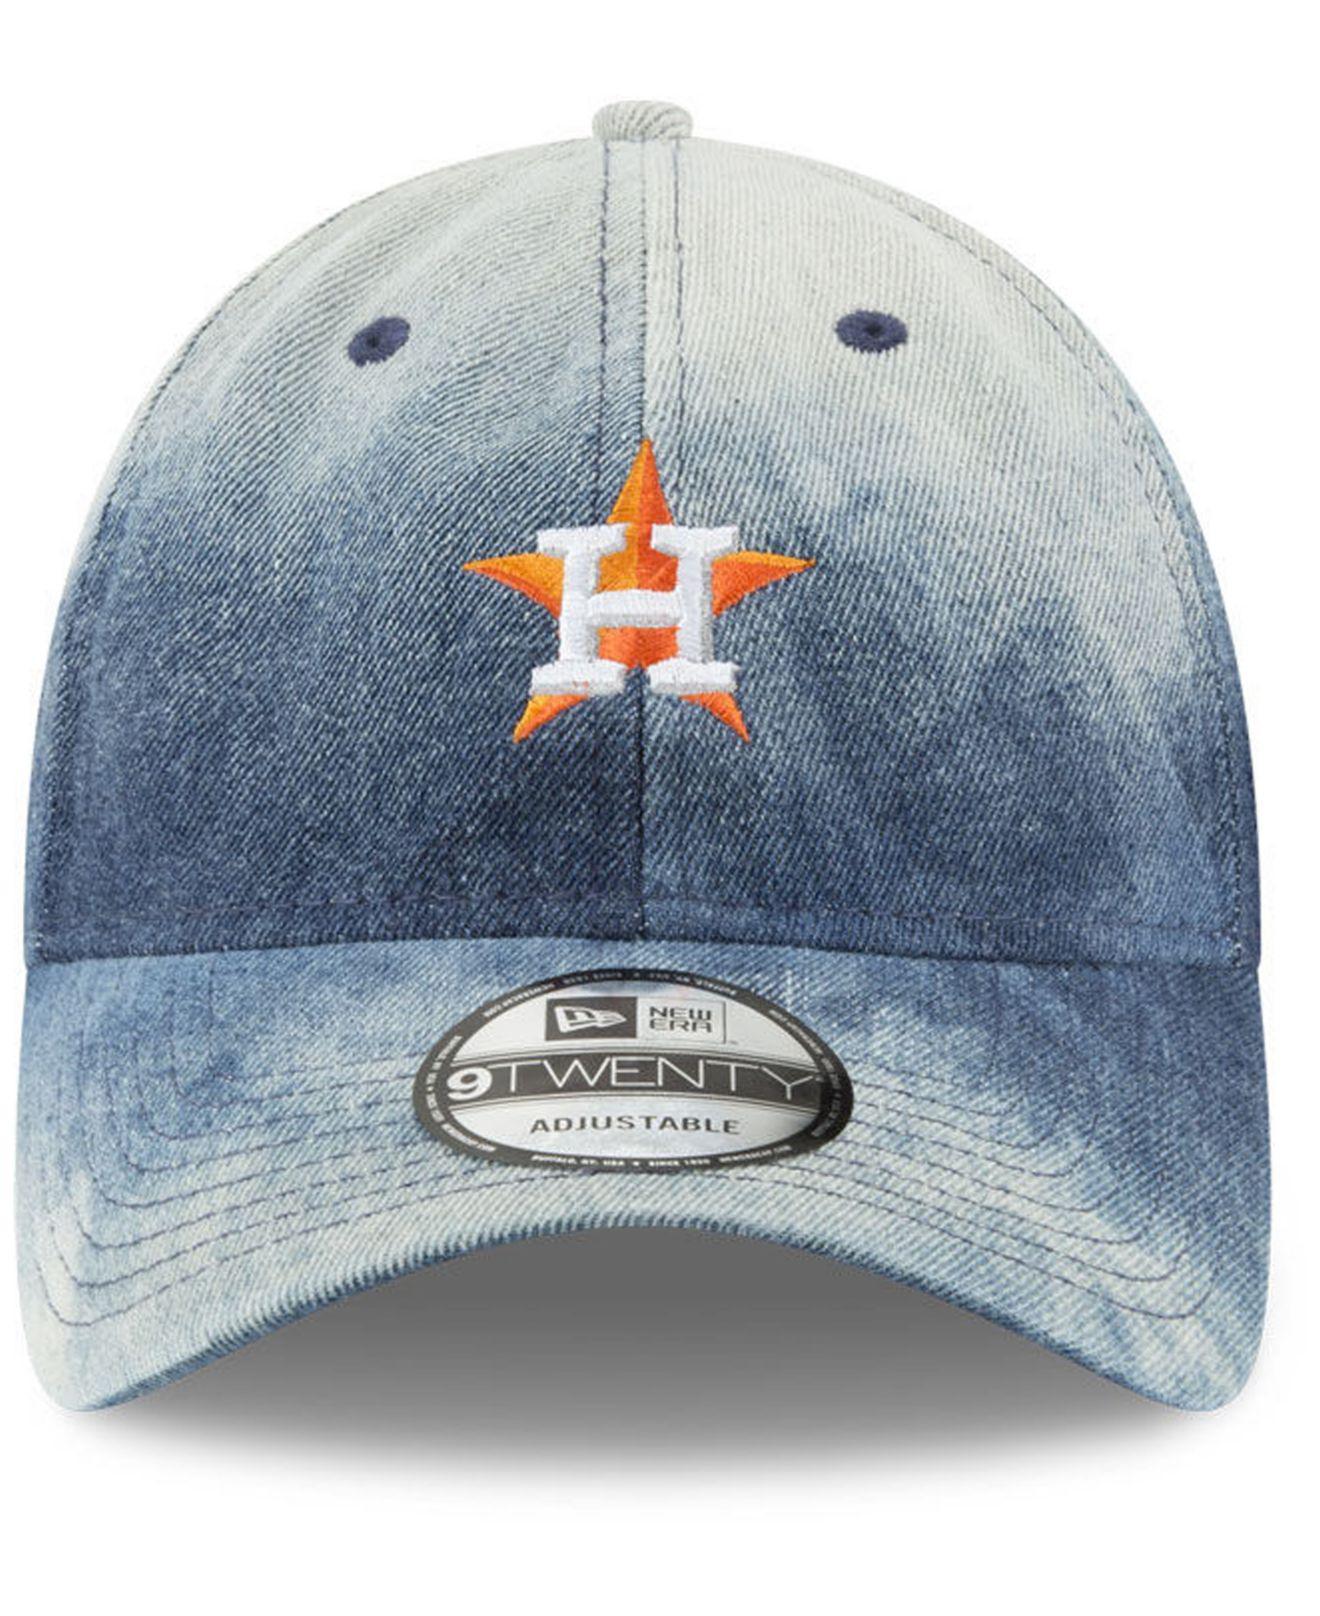 finest selection 50a95 aecd7 ... wholesale lyst ktz houston astros denim wash out 9twenty cap in blue  for men 00b48 916e3